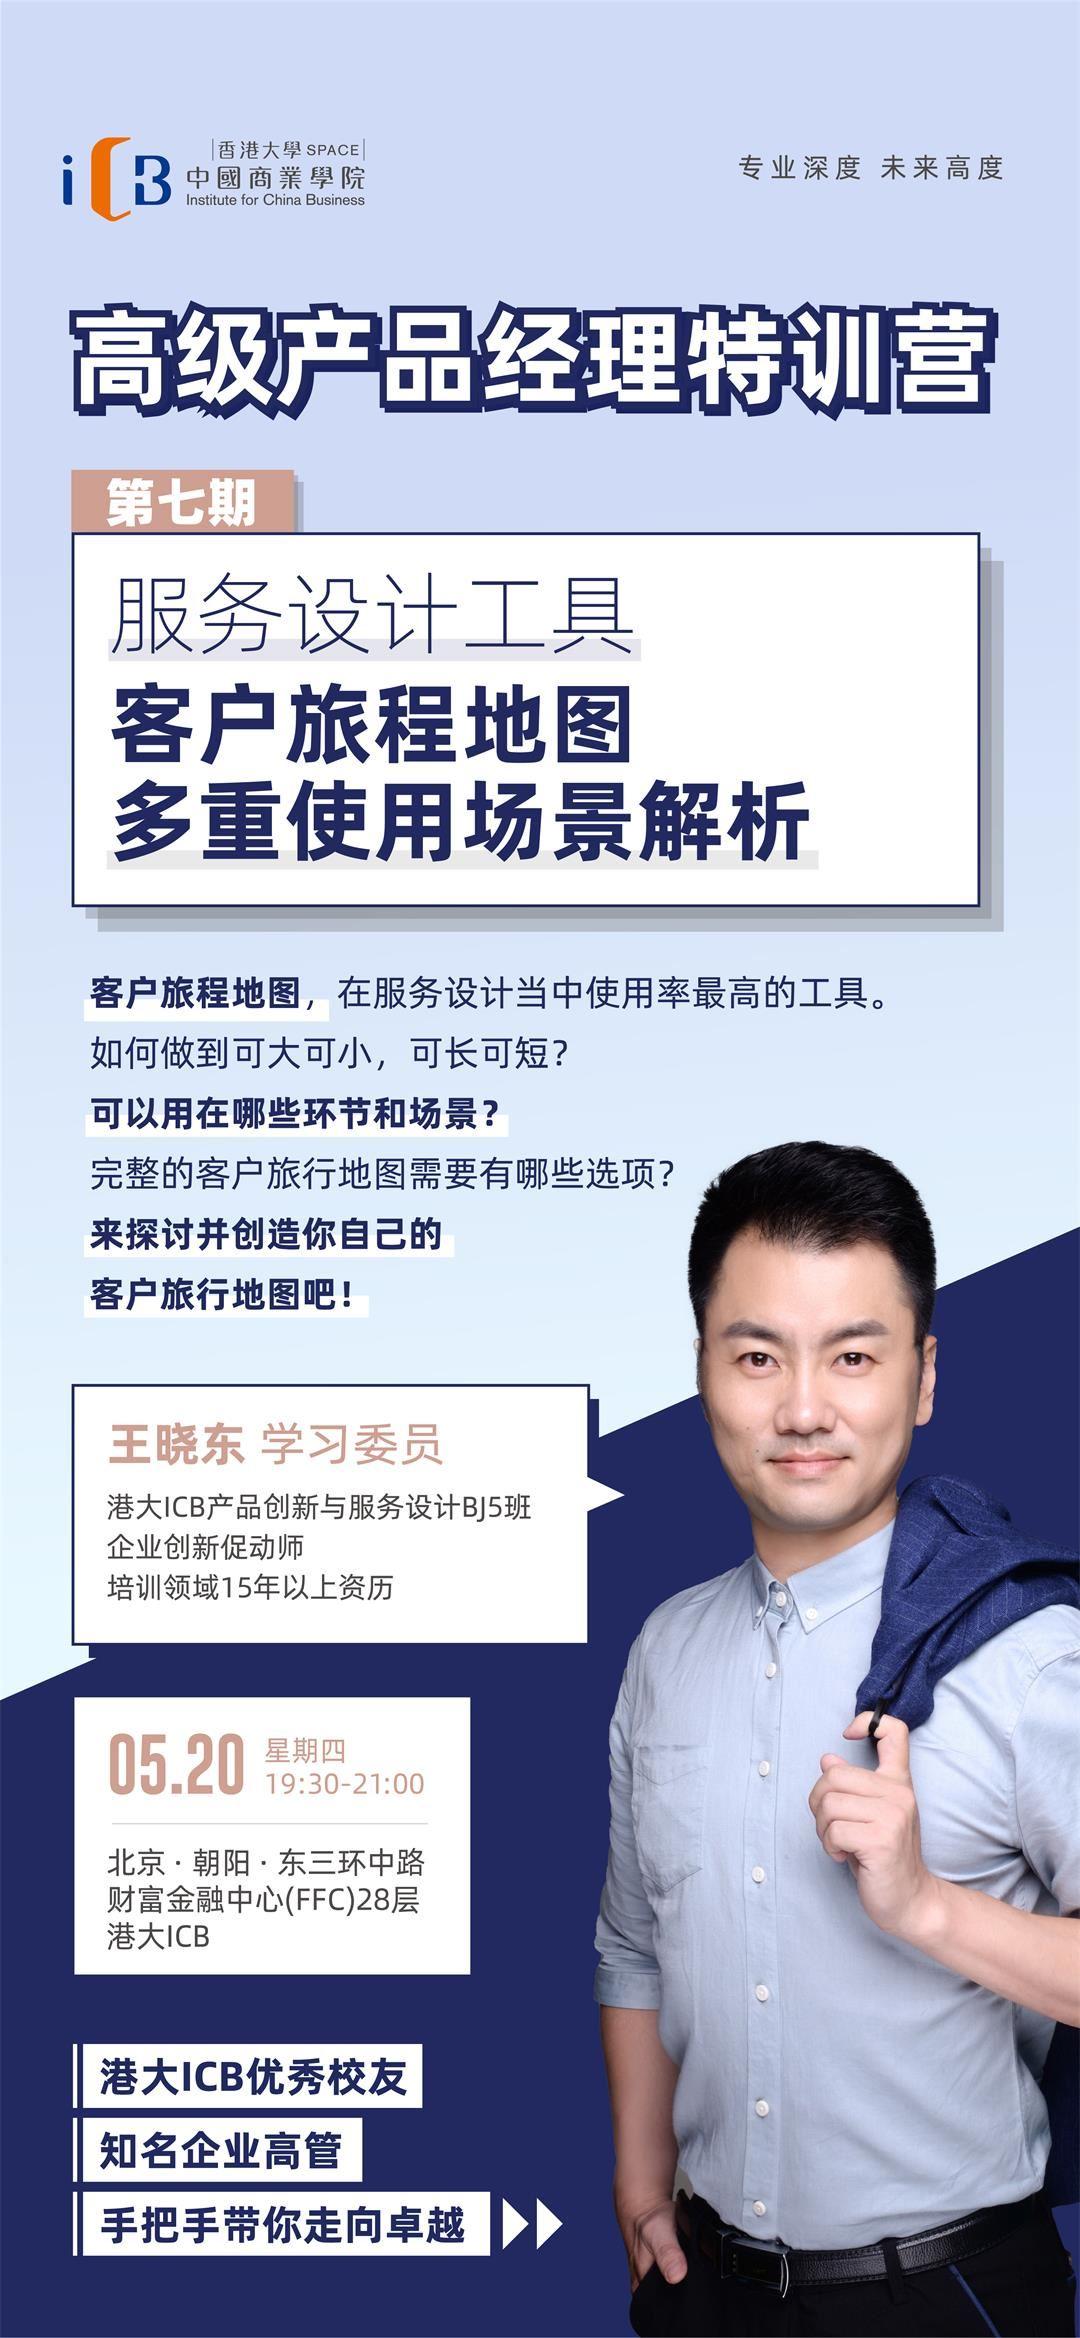 高级产品经理特训营 第7期 海报-活动行_海报.jpg